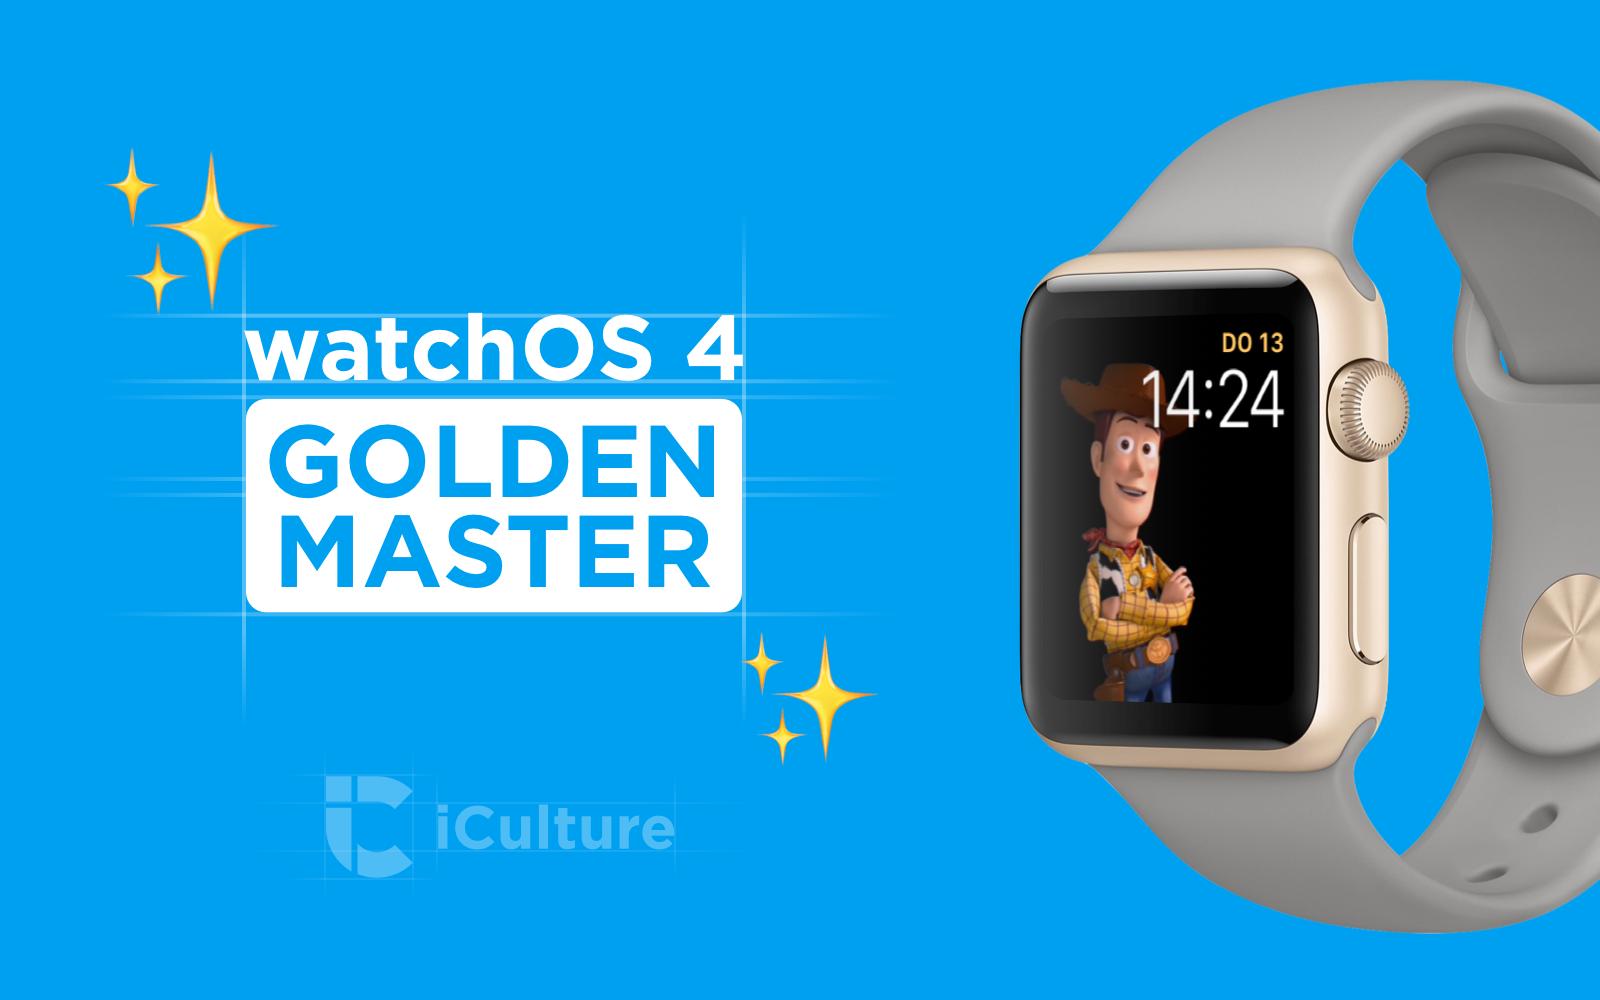 watchOS 4 Golden Master.